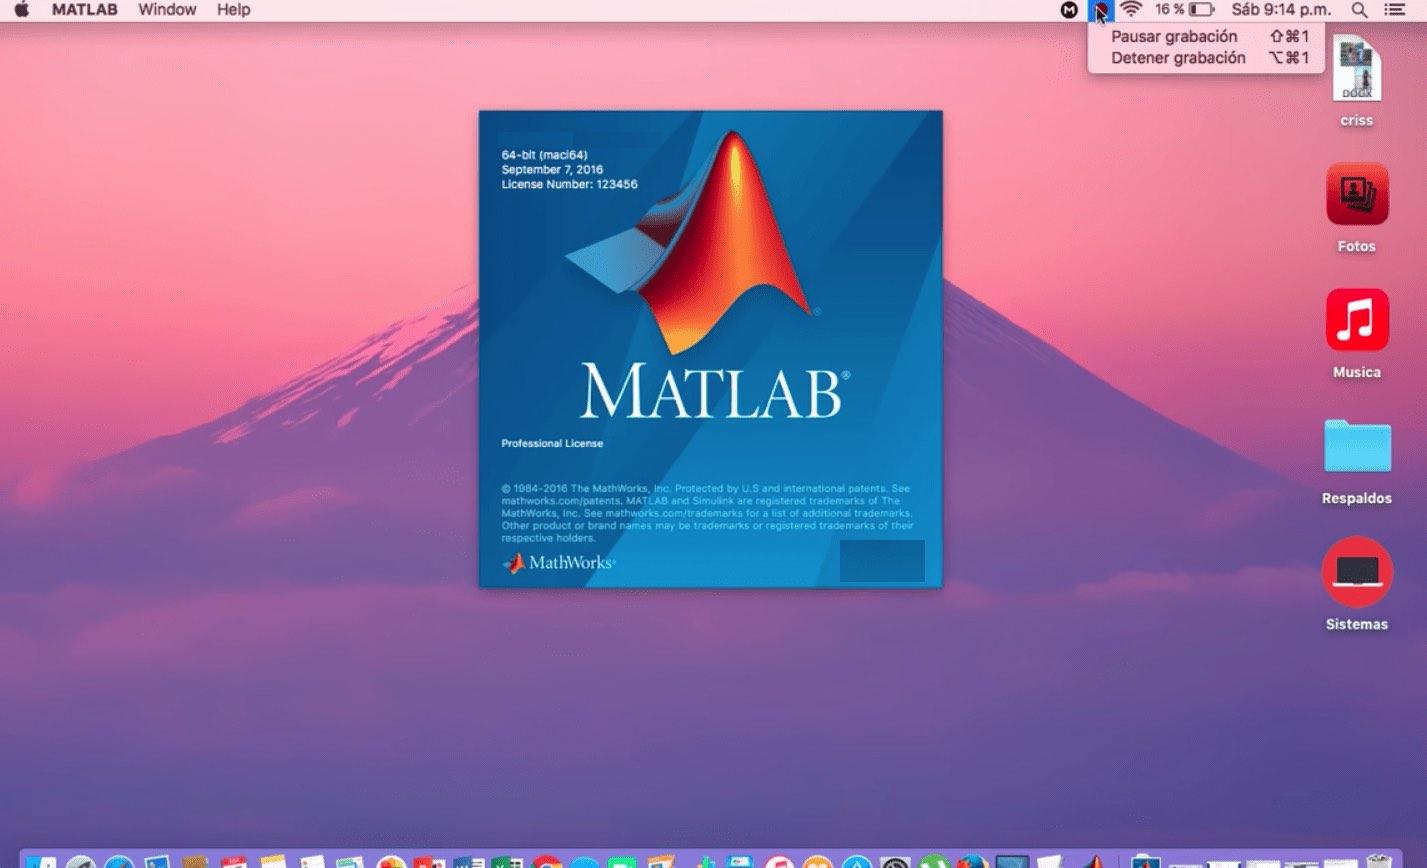 MATLAB Crack R2021b Full License Key [Updated 2021]